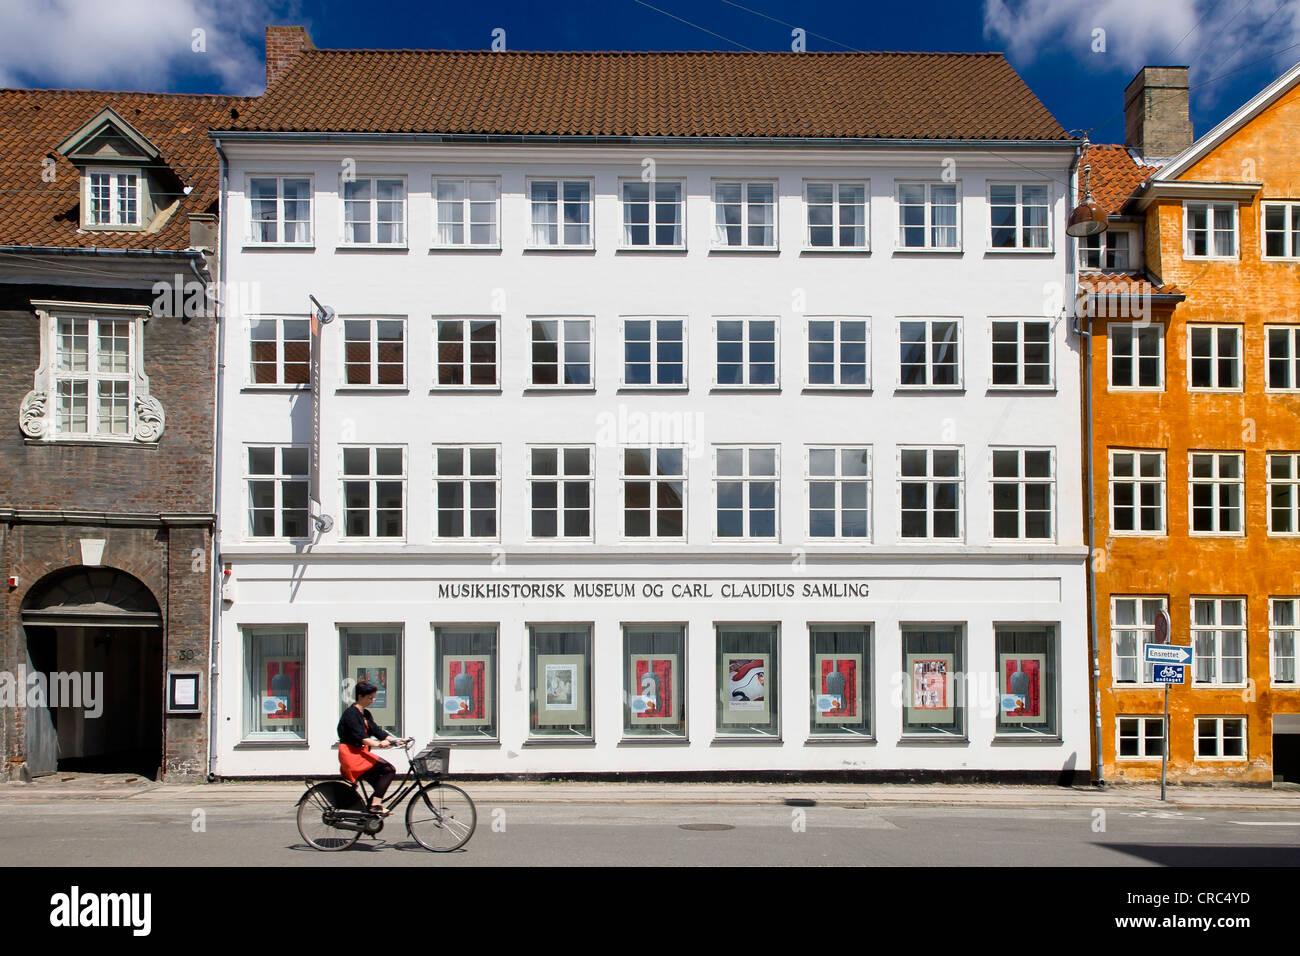 musikhistorie museum cultural center in skanderborg